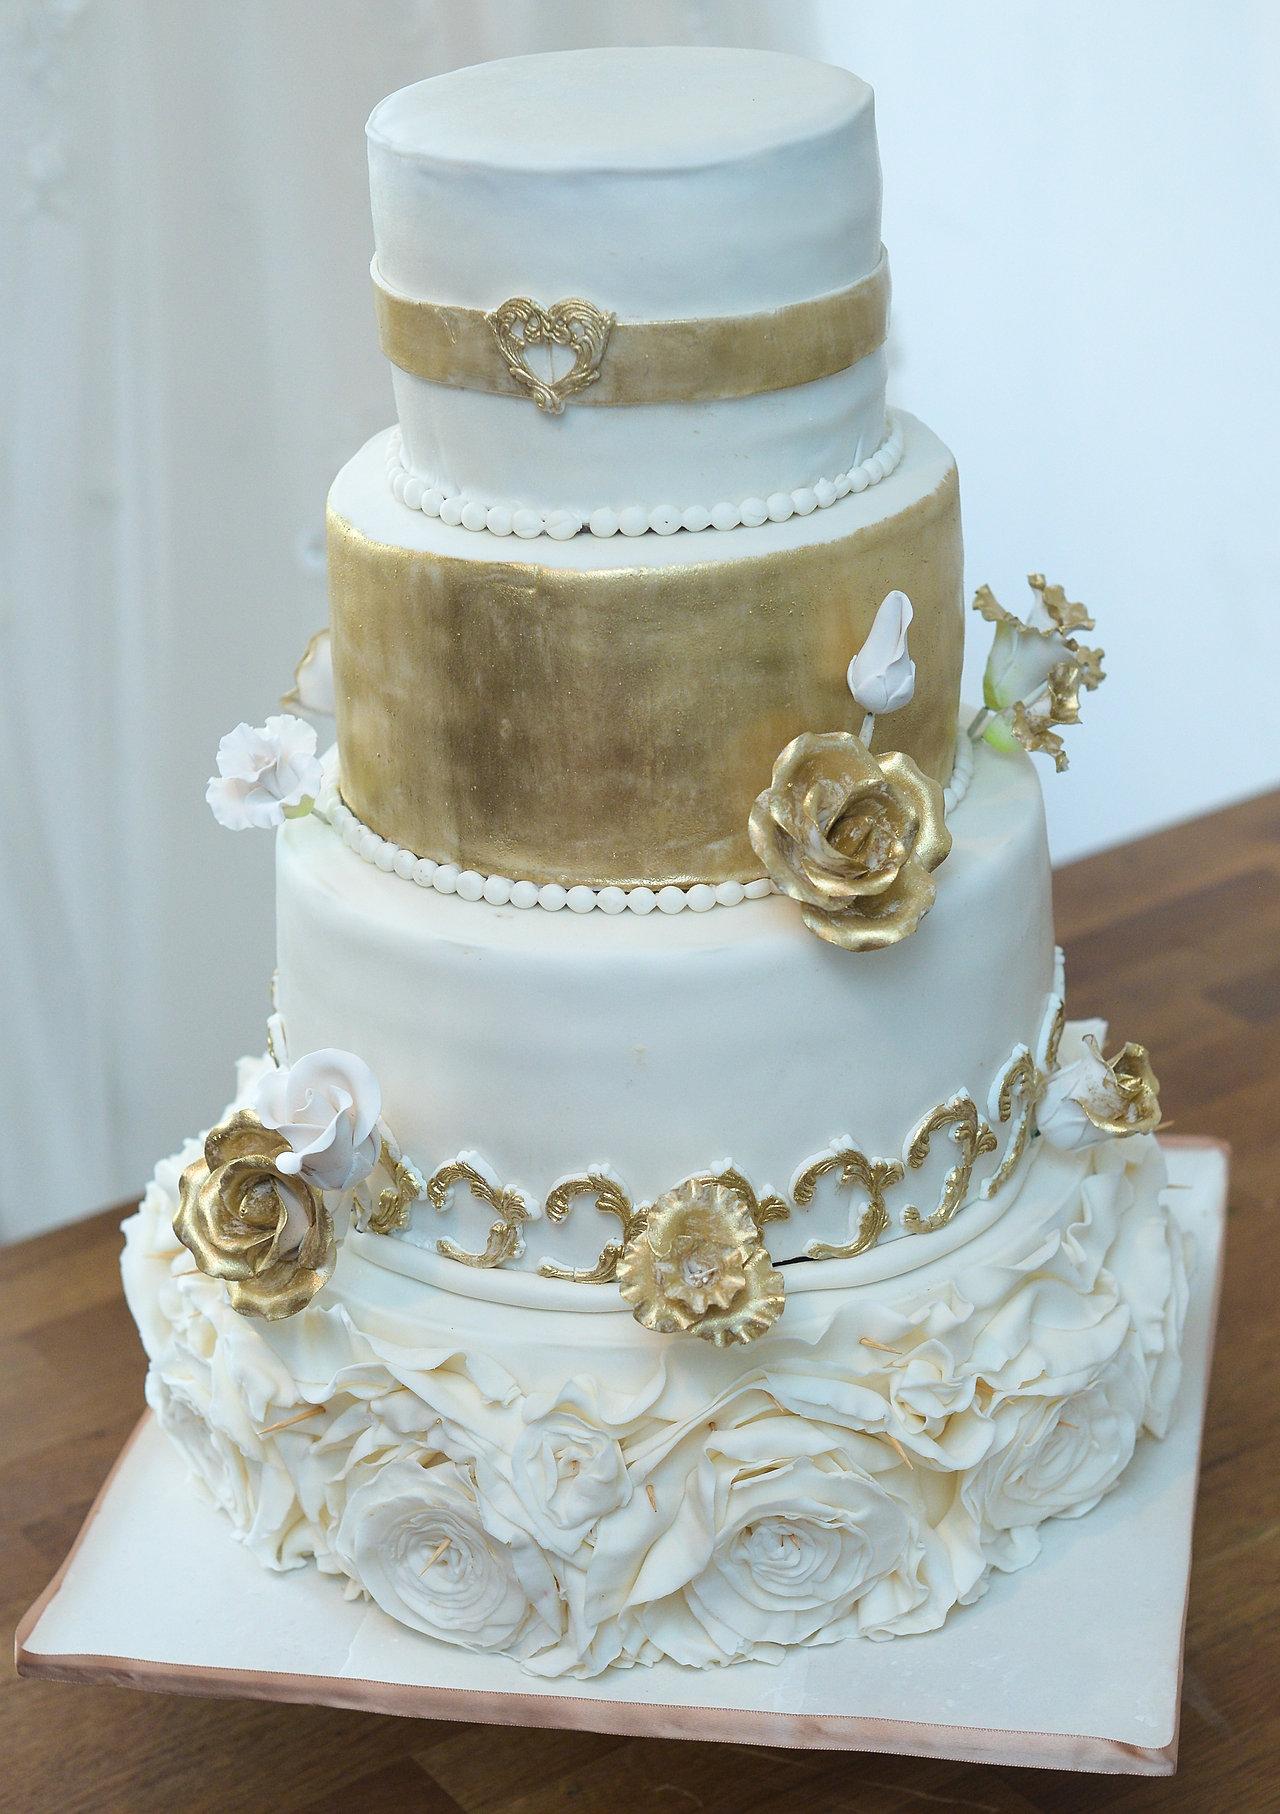 Dubai princess wedding cakes